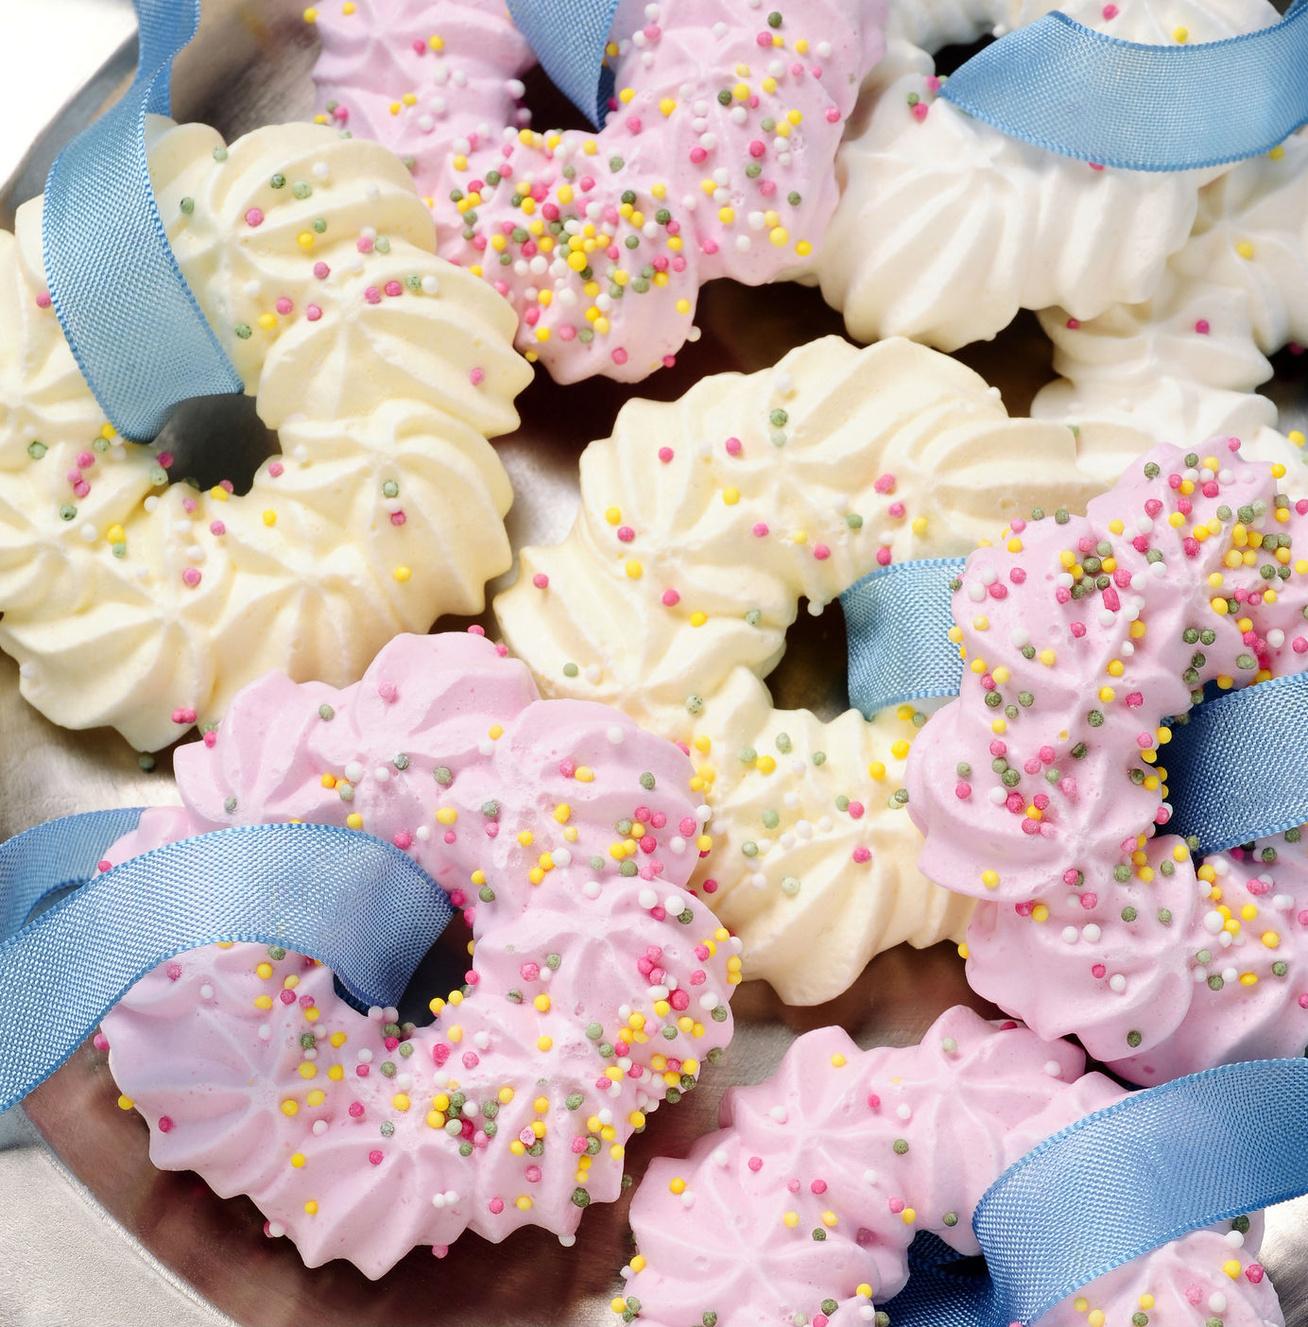 Színes ünnepi habcsókok villámgyorsan: ha sok tojásfehérjéd maradt